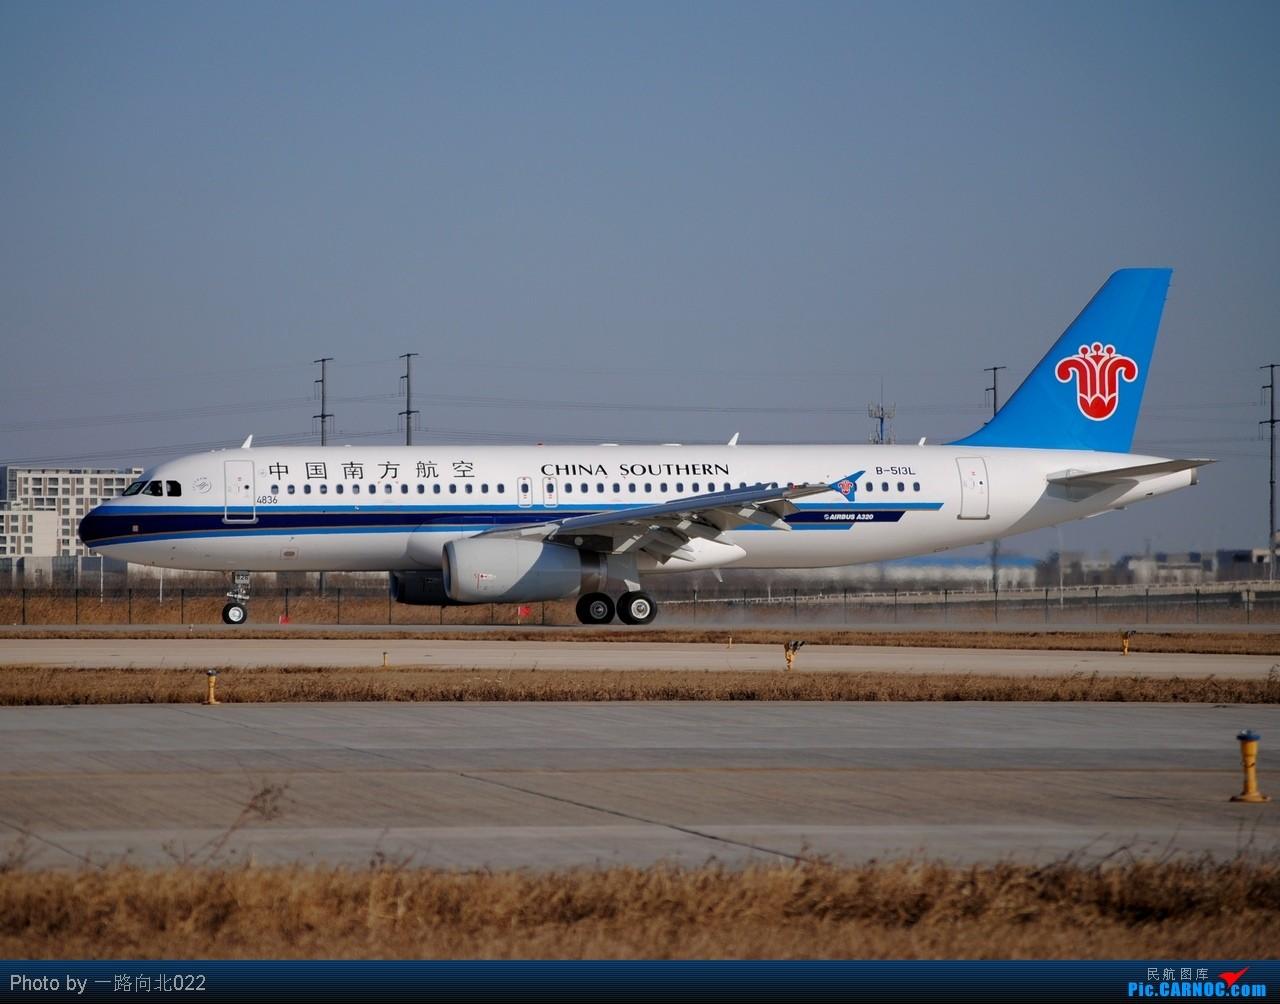 Re:[原创]**TSN**TSN**  冬日暖阳  《an12.IL-76 .南航未交付320.天航第二架320到货》    中国天津滨海机场